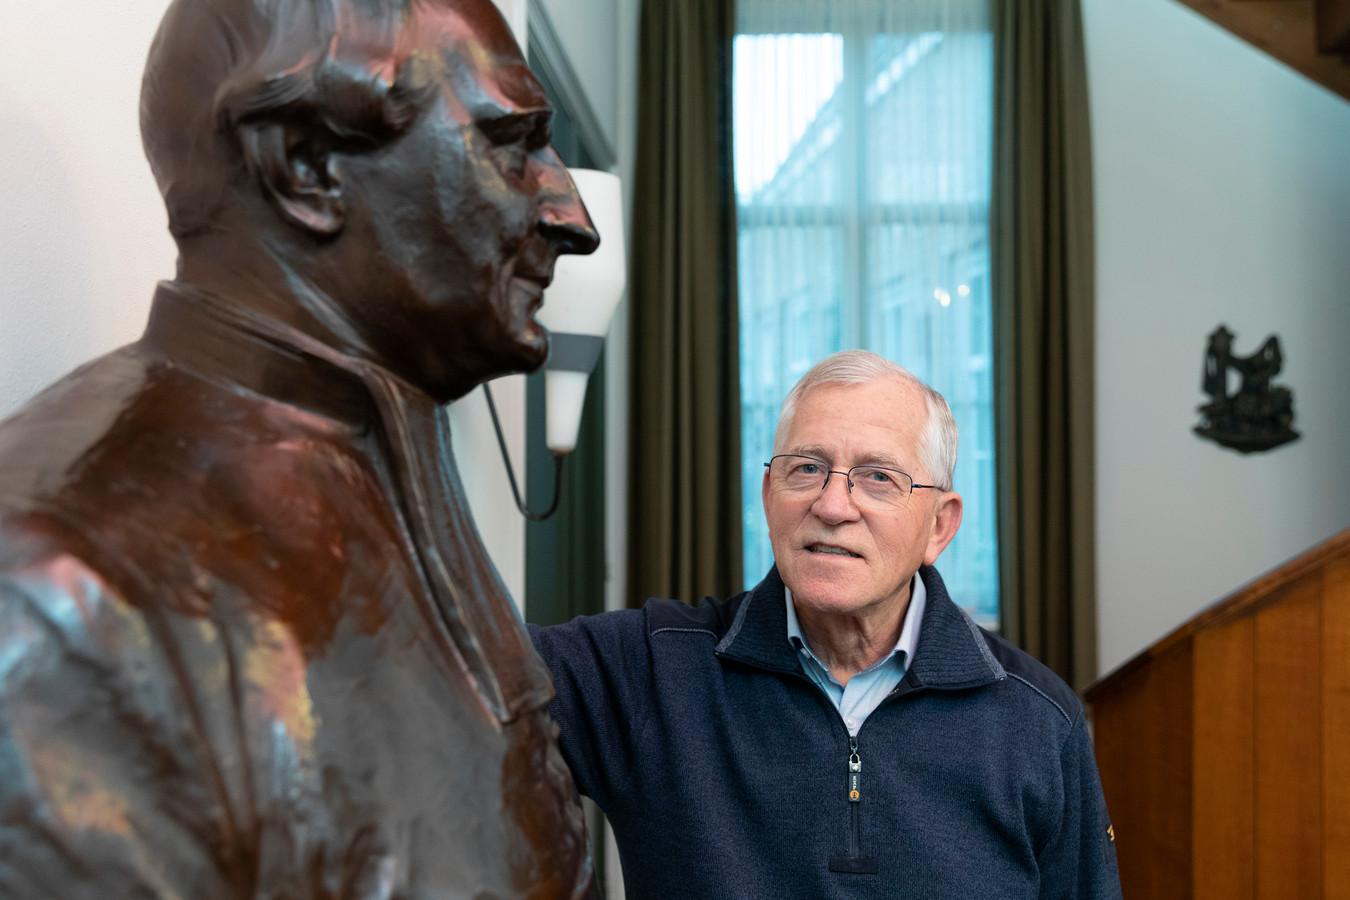 Broeder Theo van den Boer is de laatste broeder van Reinier van Arkel.